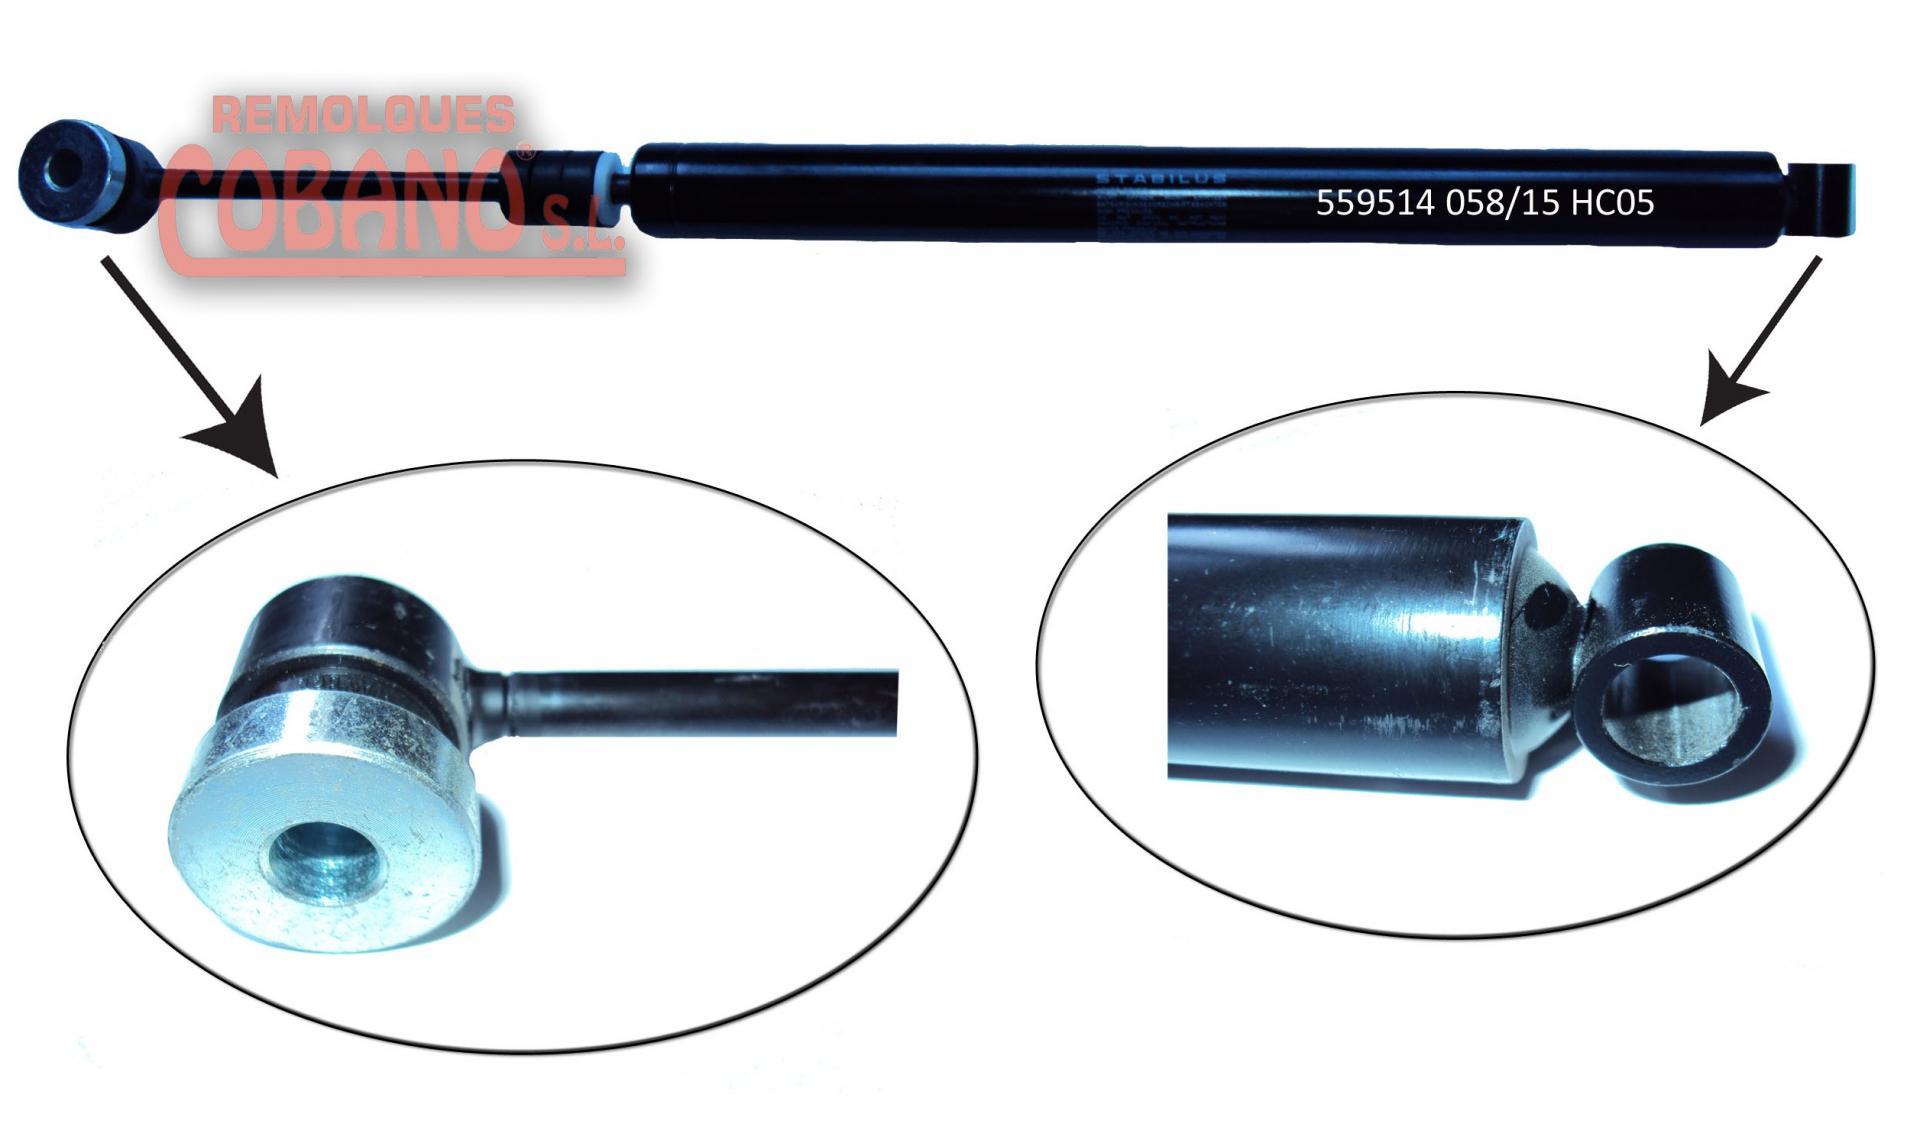 AMORTIGUADOR STABILUS (AXF) 650 / 1000 KG